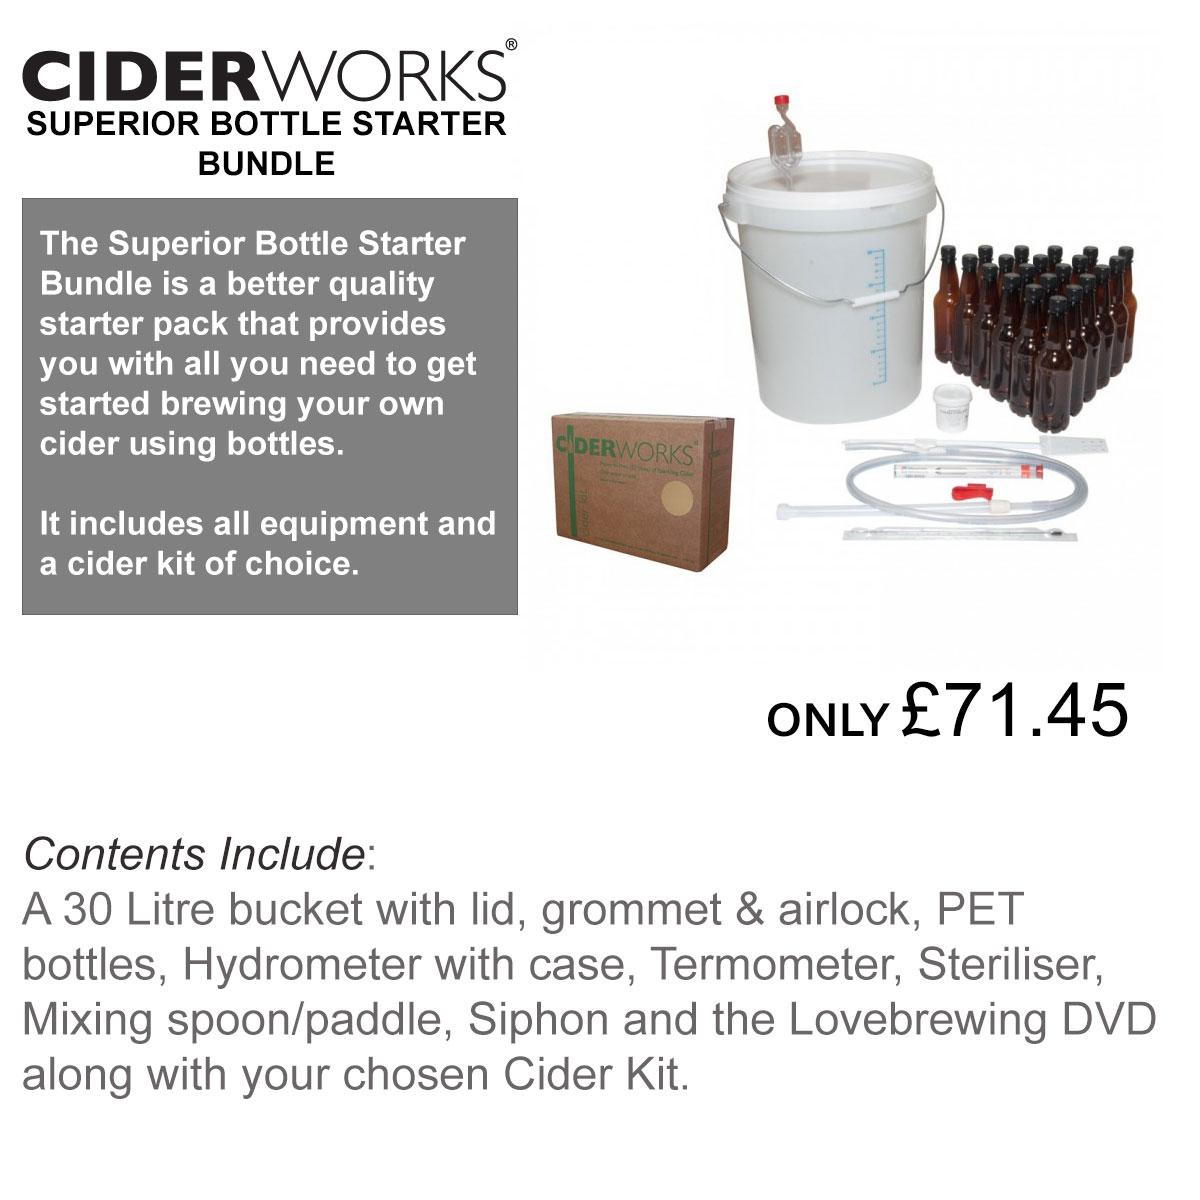 ciderworks-superior-bottle-starter-bundle